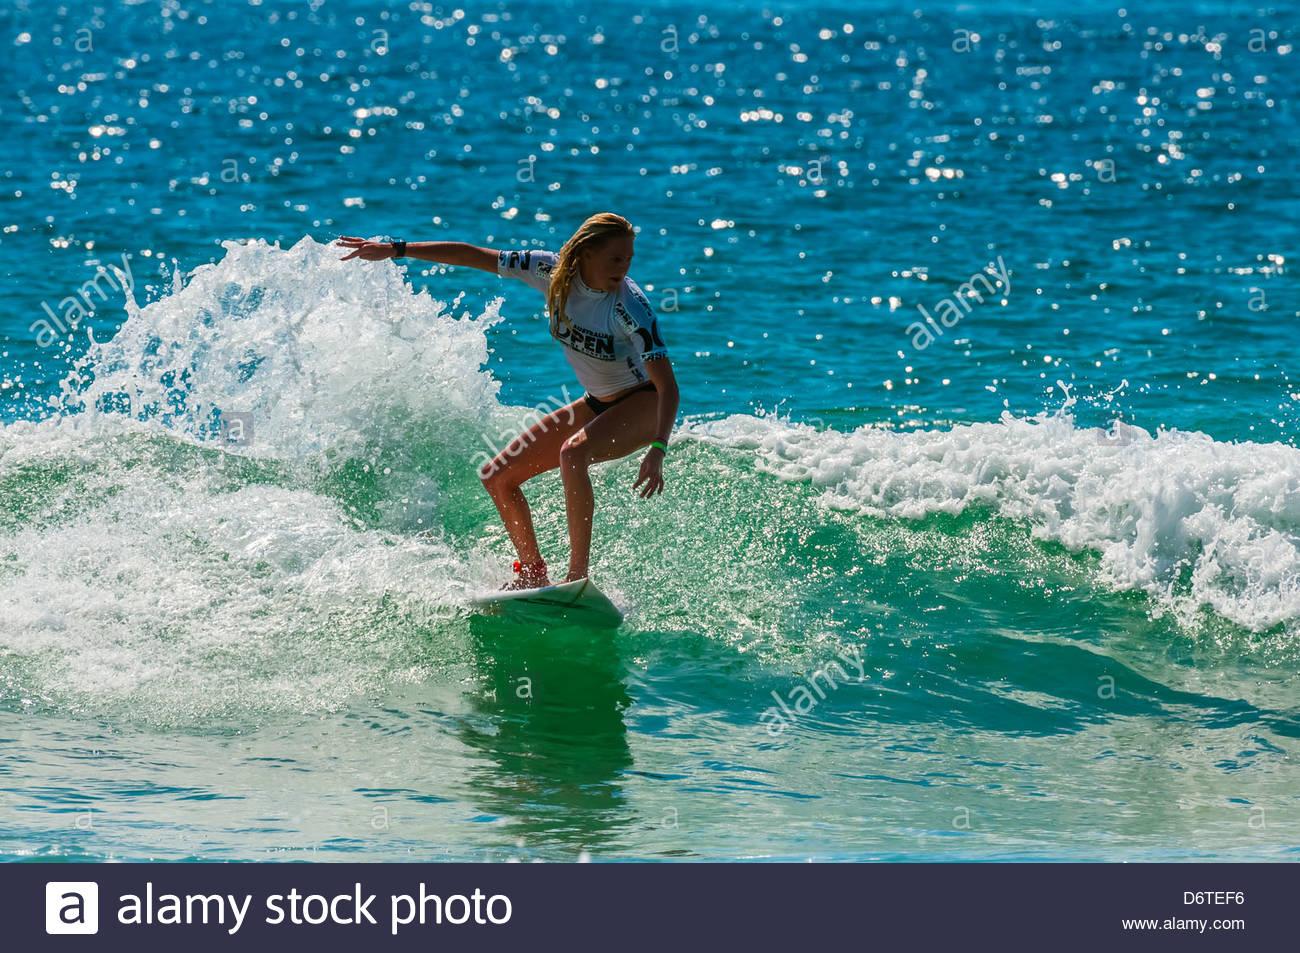 Pro Surferin im Wettbewerb im Finale der Australian Open of Surfing, Manly Beach, Sydney, New South Wales, Australien Stockbild